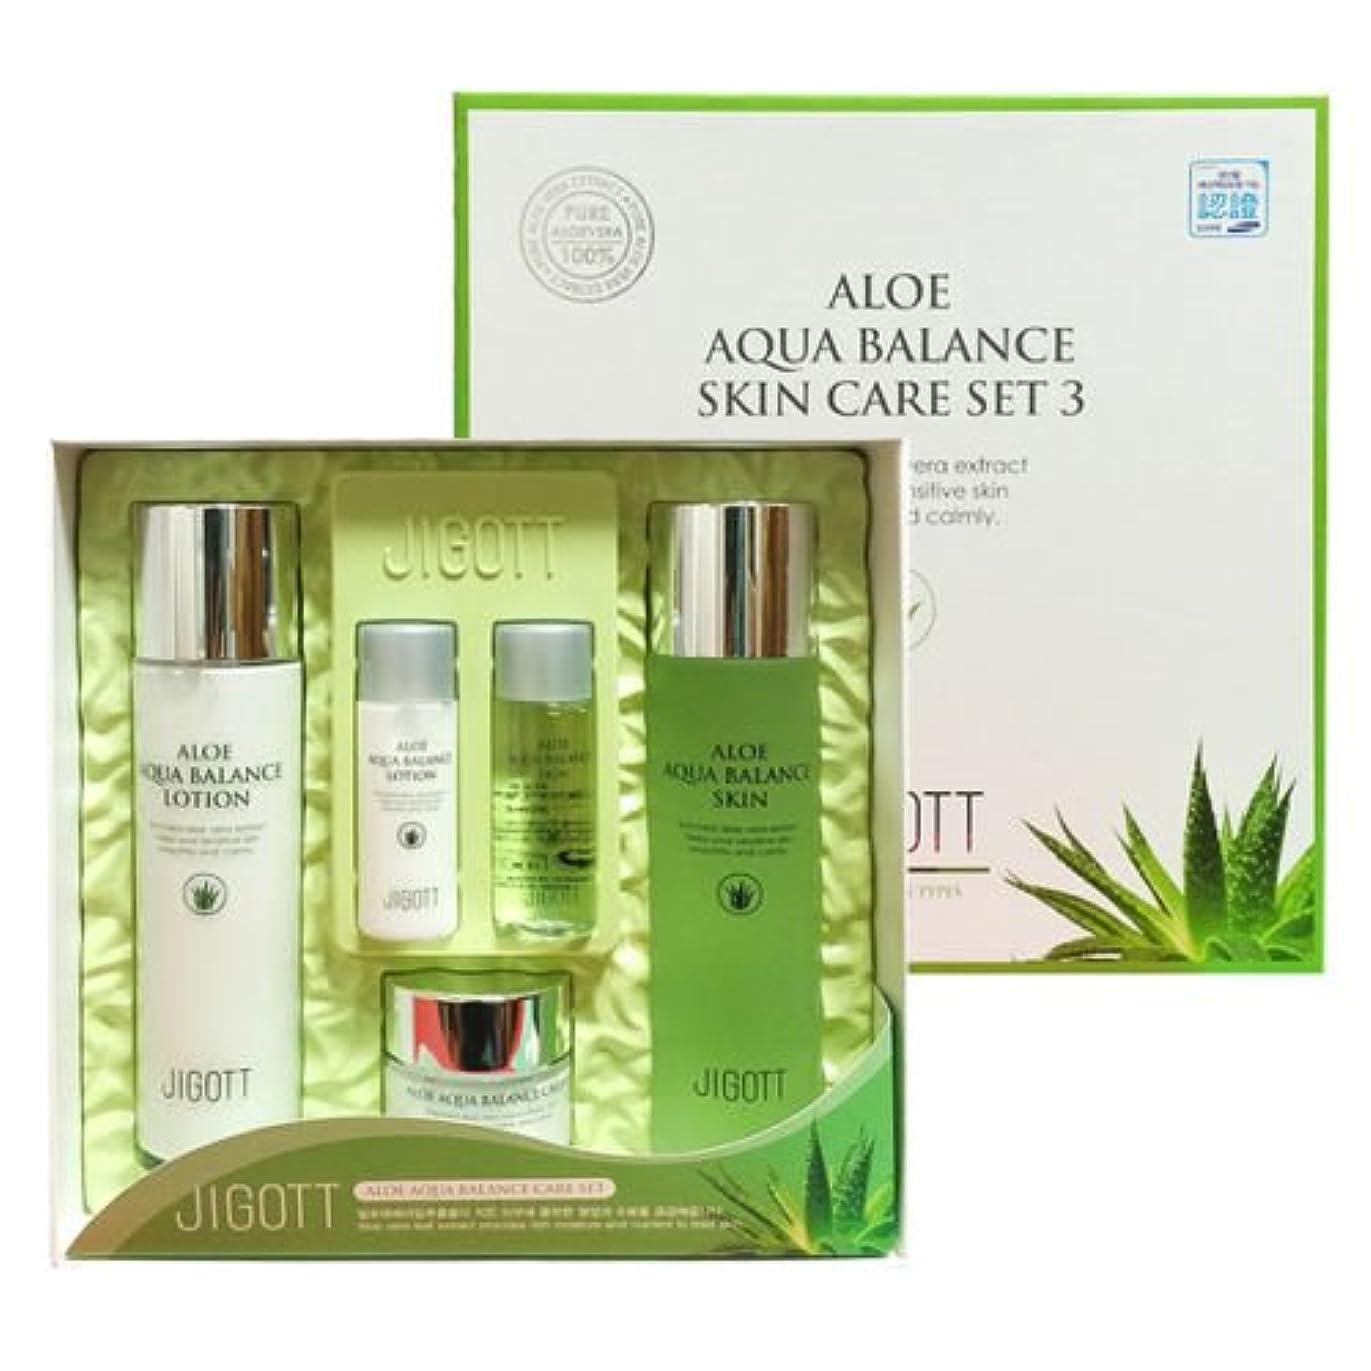 うめき中に嬉しいですジゴトゥ[韓国コスメJigott]Aloe Aqua Balance Skin Care 3 Set アロエアクアバランススキンケア3セット樹液,乳液,クリーム [並行輸入品]